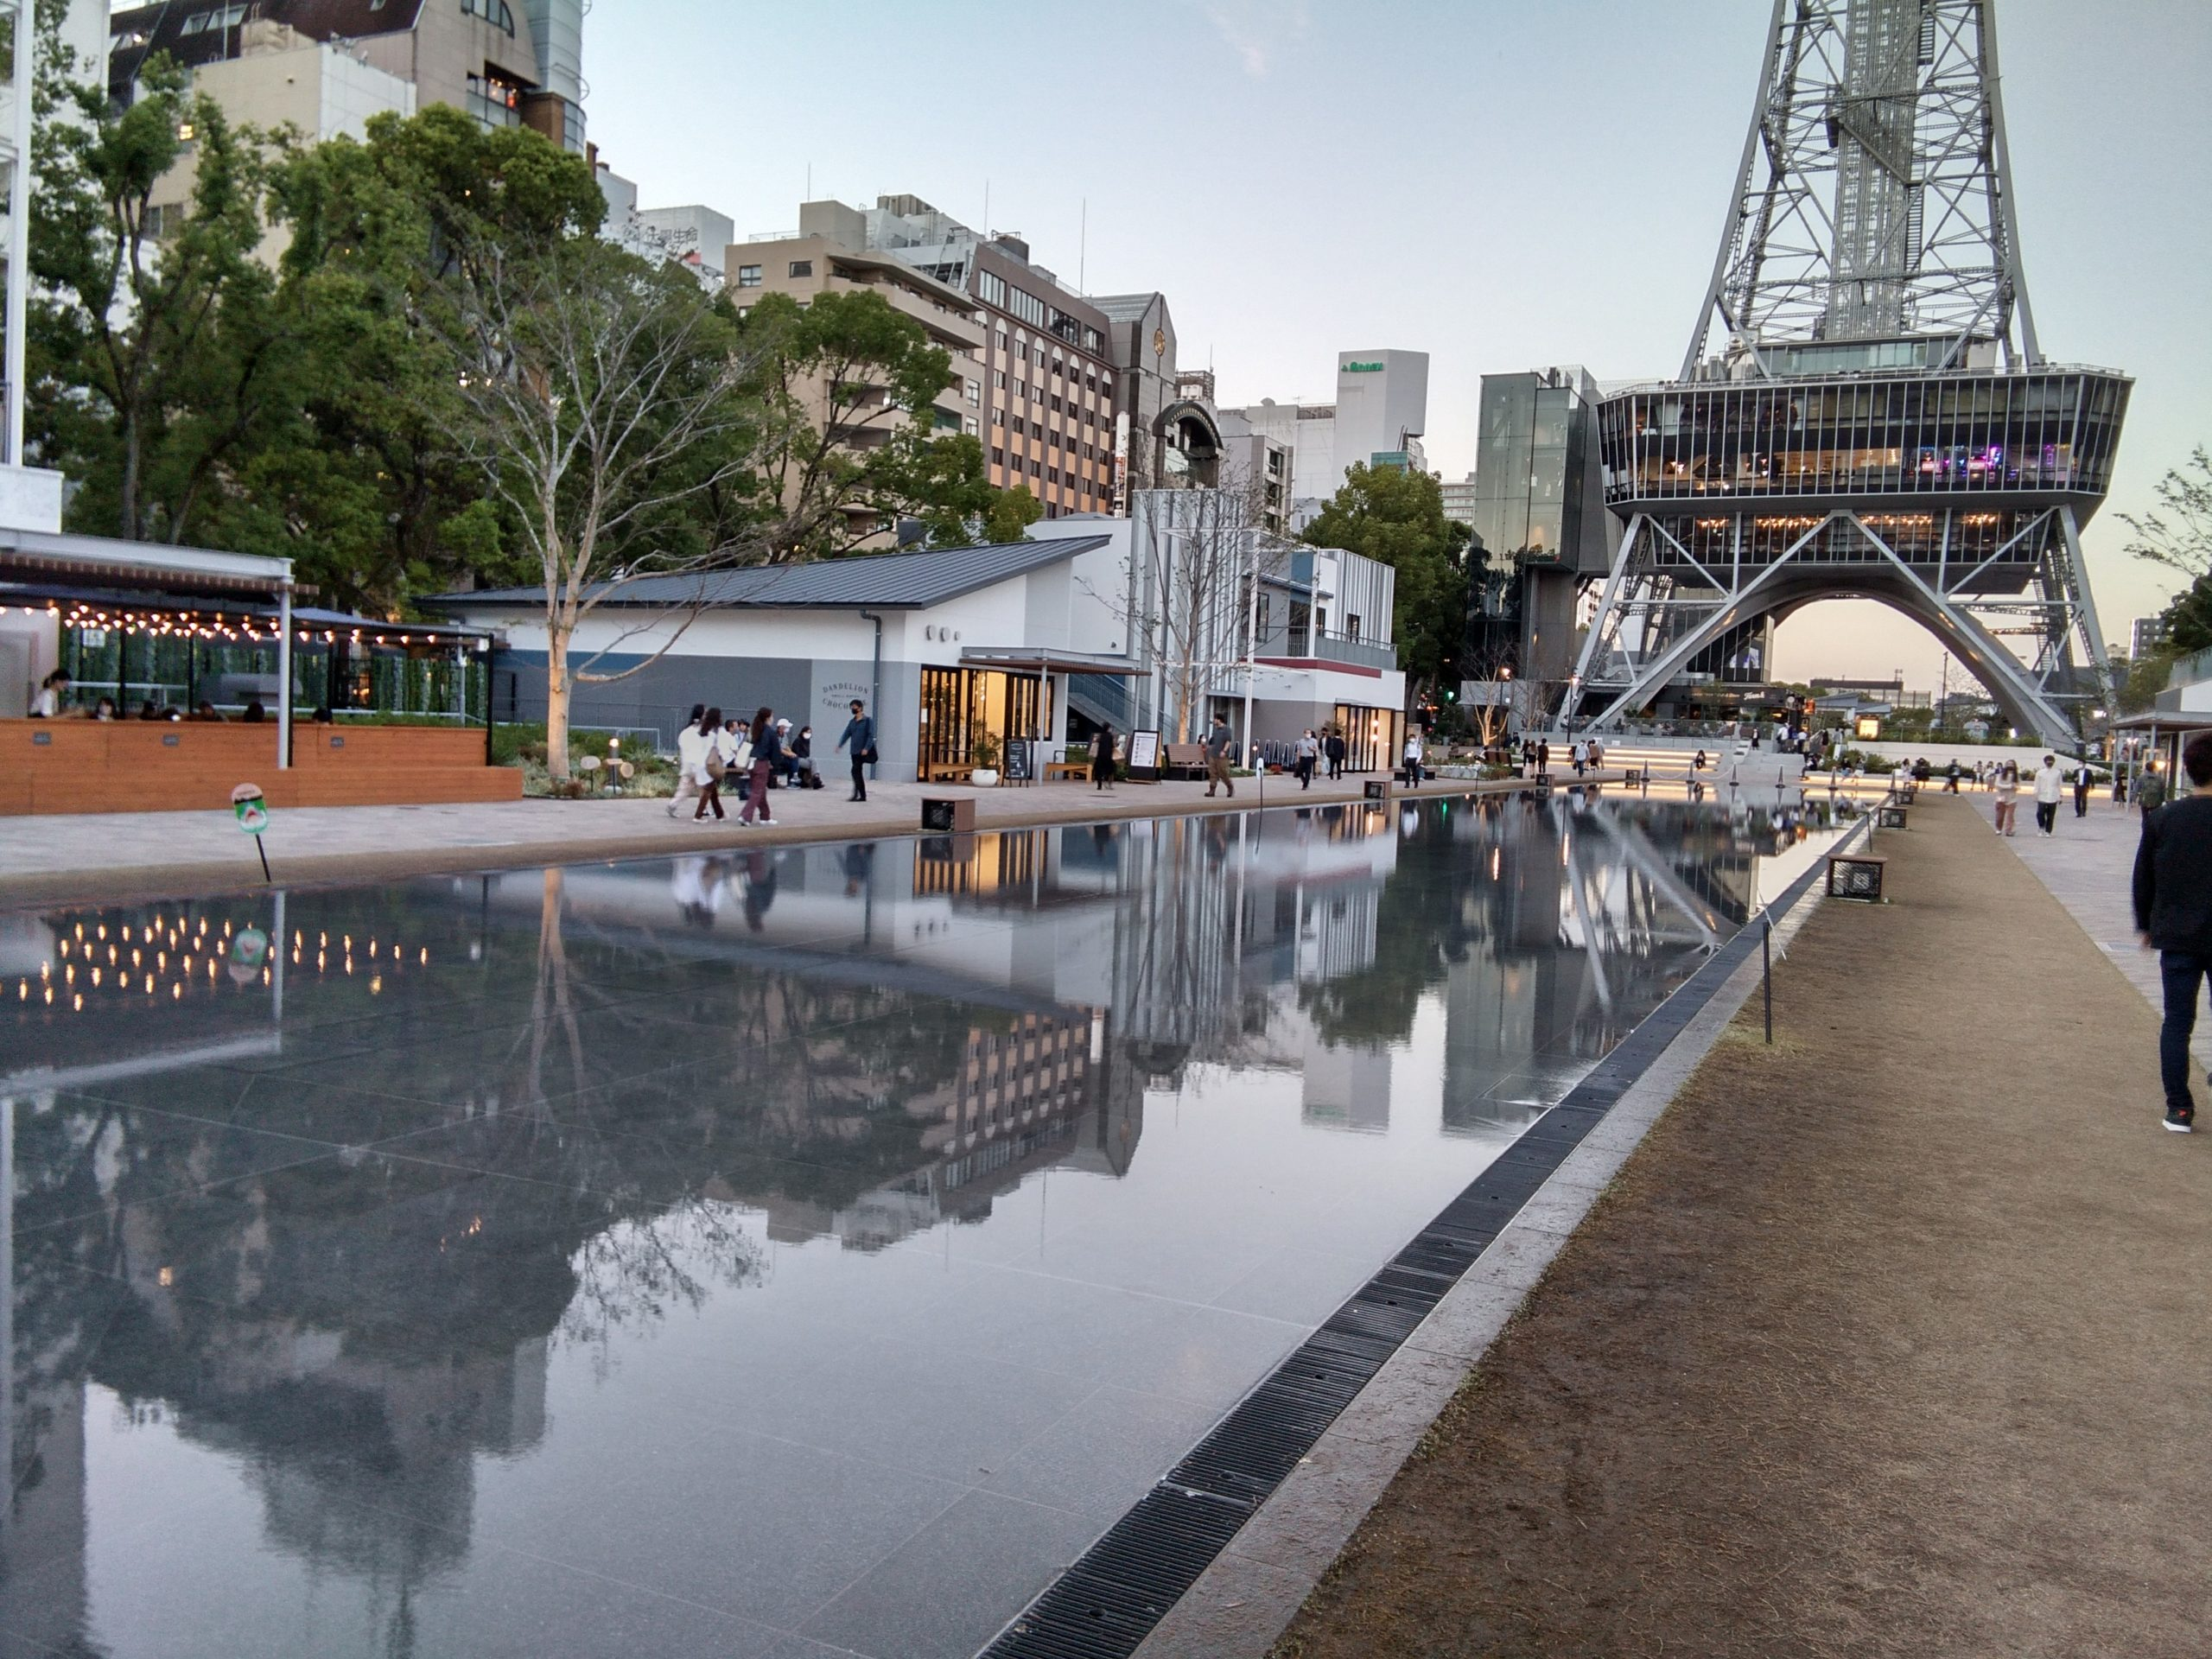 名古屋駅の周辺でマンション開発が活況―リニアと開発期待で2km圏内に30物件